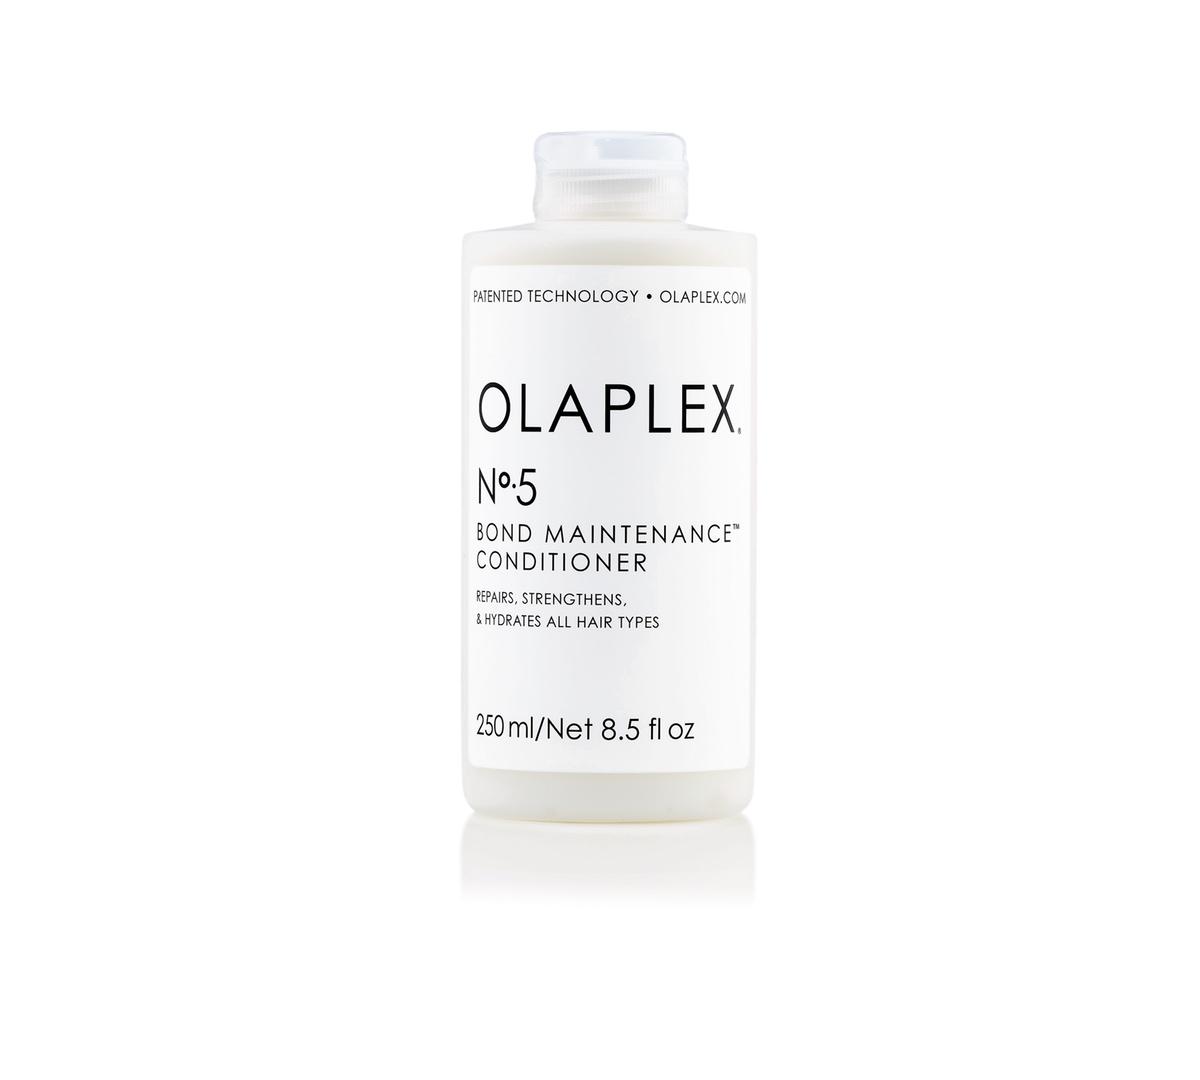 olaplex no 5